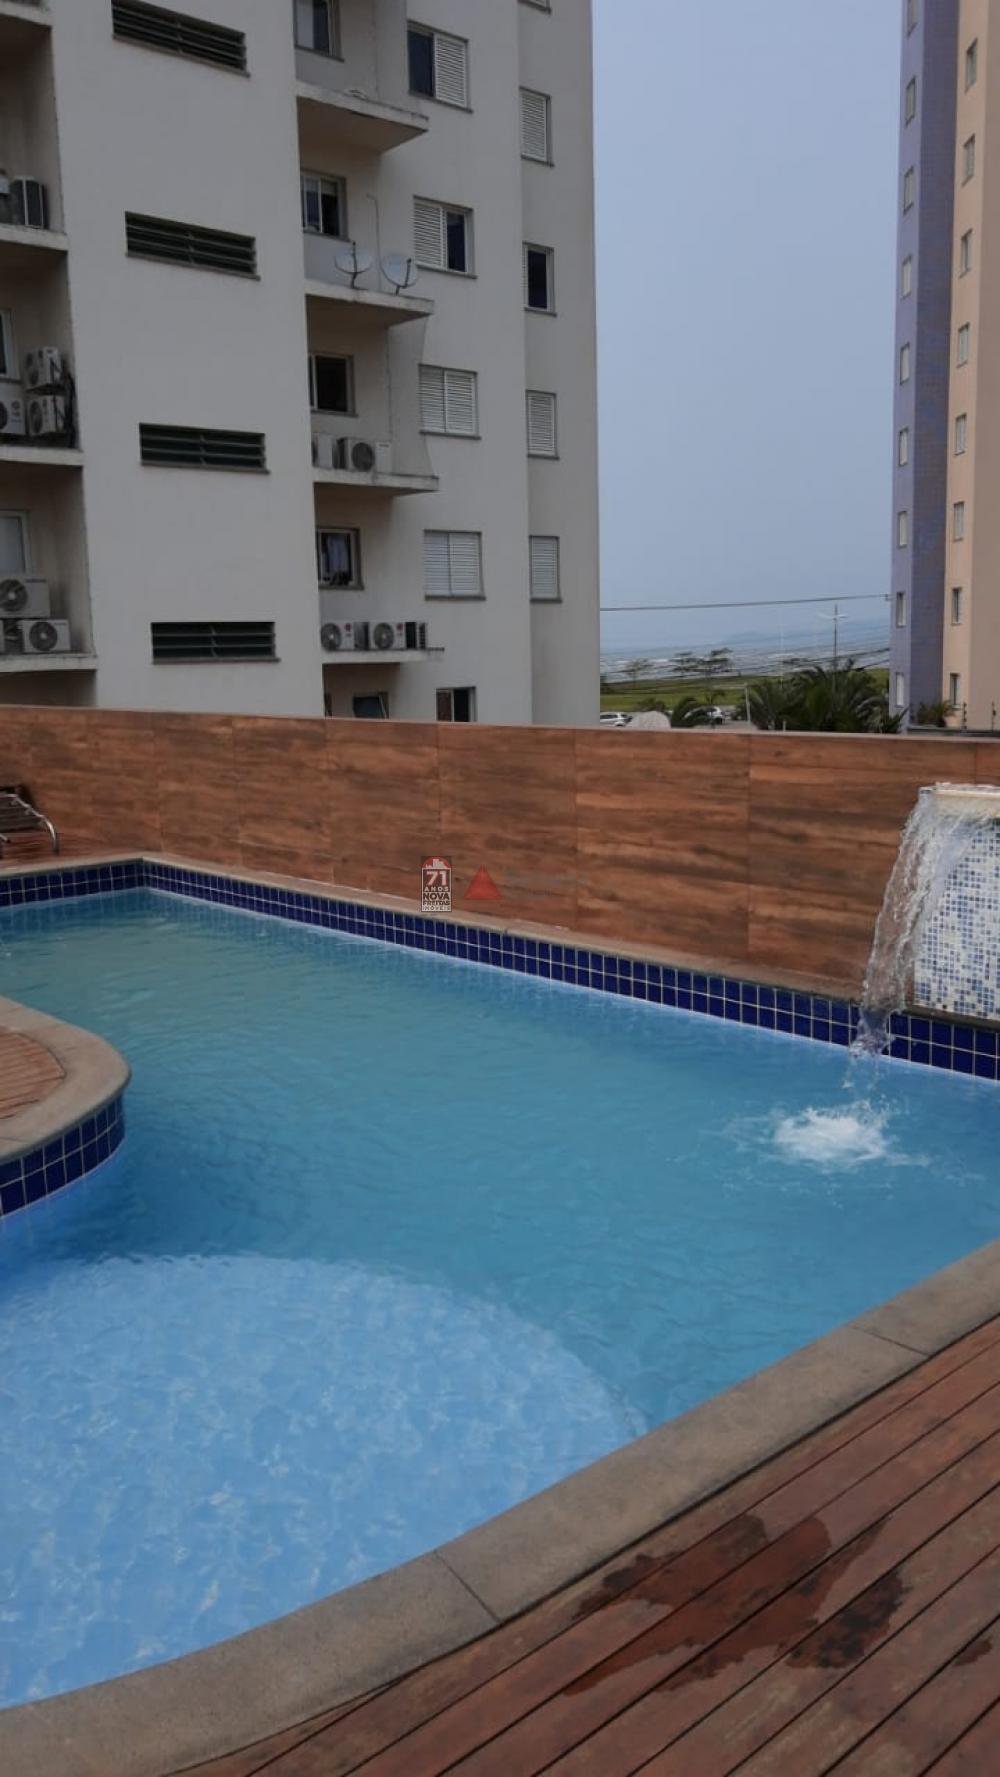 Comprar Apartamento / Padrão em Caraguatatuba apenas R$ 950.000,00 - Foto 30